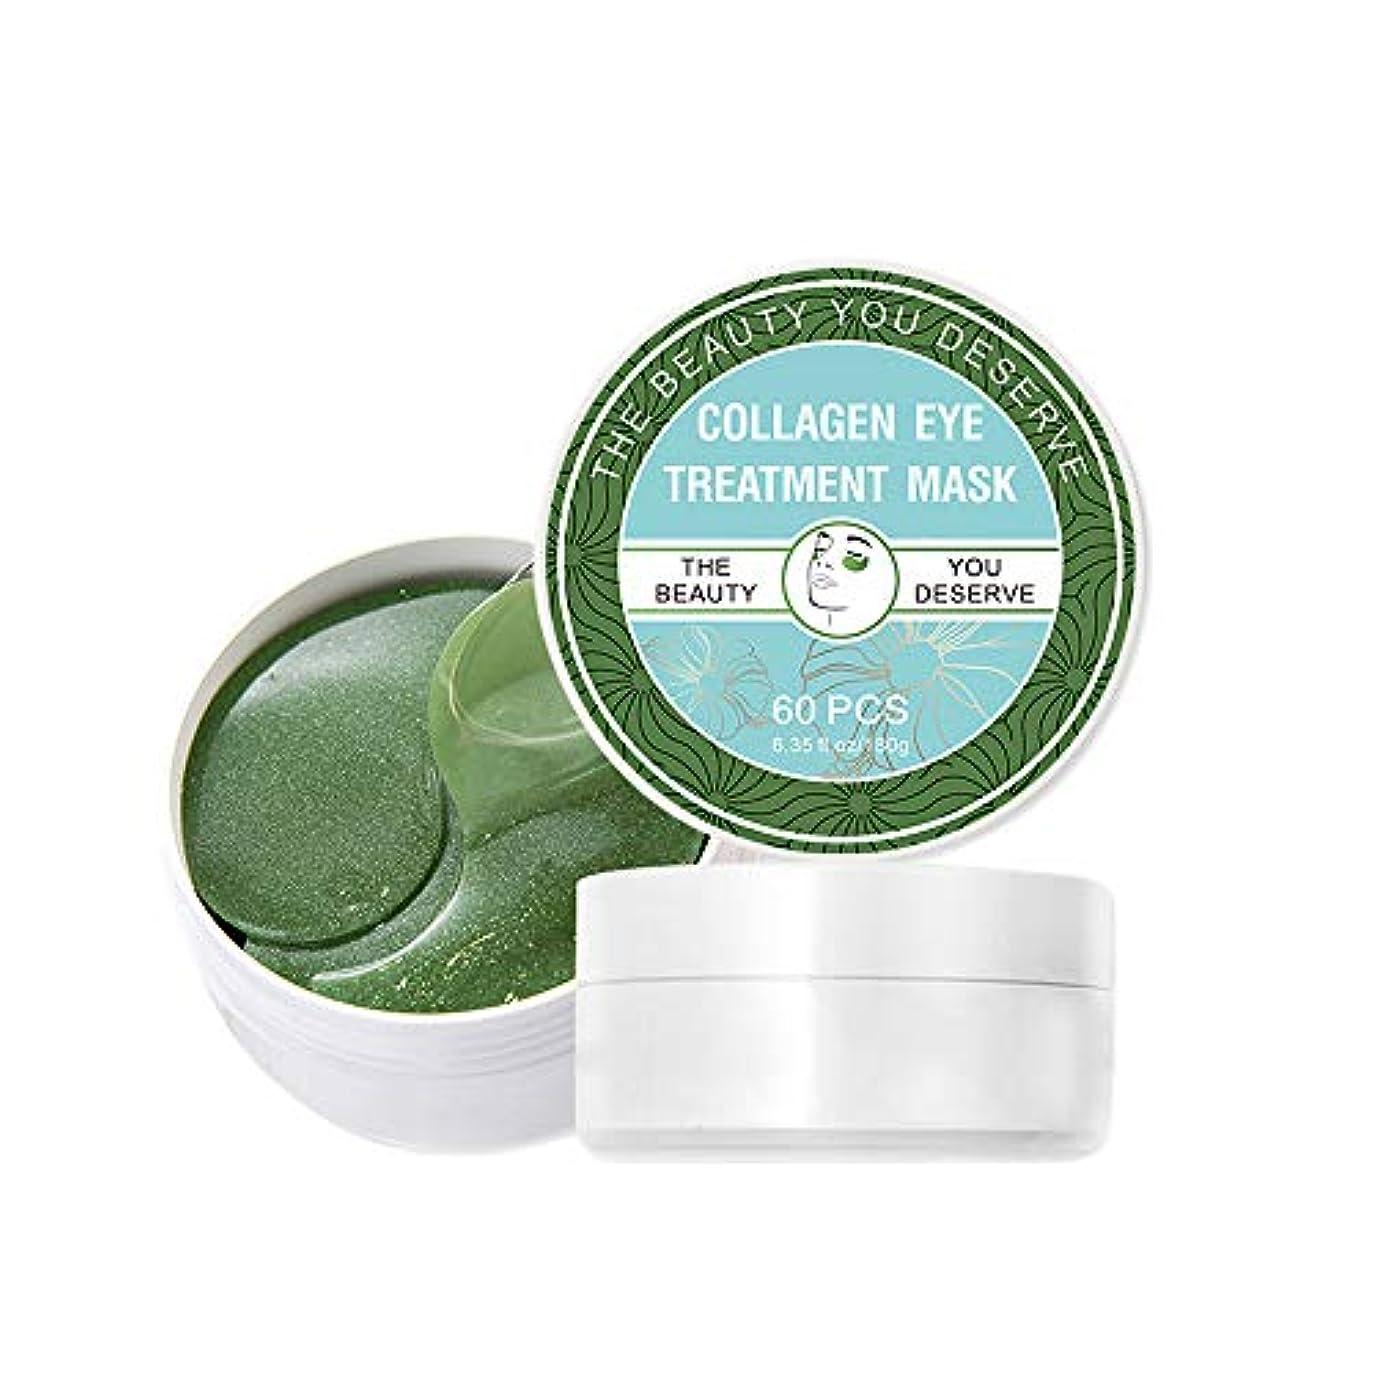 瞑想的番号変換するアイトリートメントマスク、コラーゲンアイマスク海藻エキスアンダーエイジングヒアルロン酸アイパッチモイスチャライジング&ダークサークル低減のためのアイパッチジェルのしわ